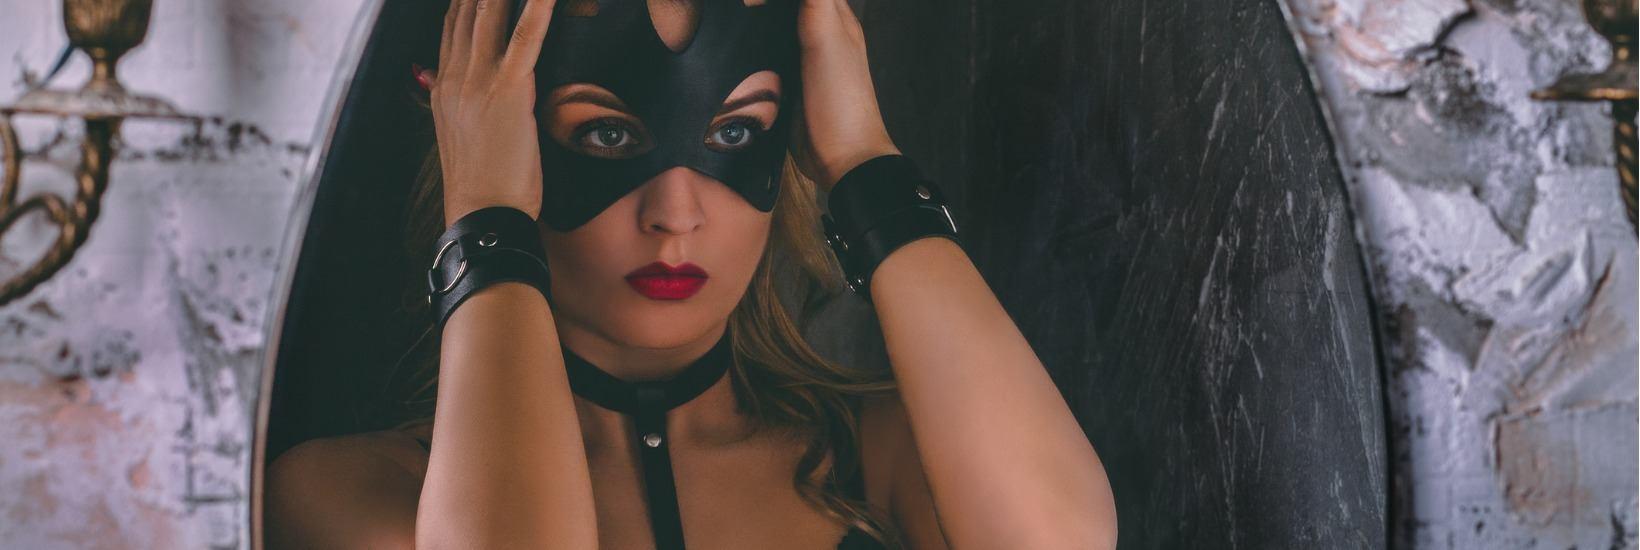 Erotische Rollenspiele bietet viel Potenzial für deine Fantasien